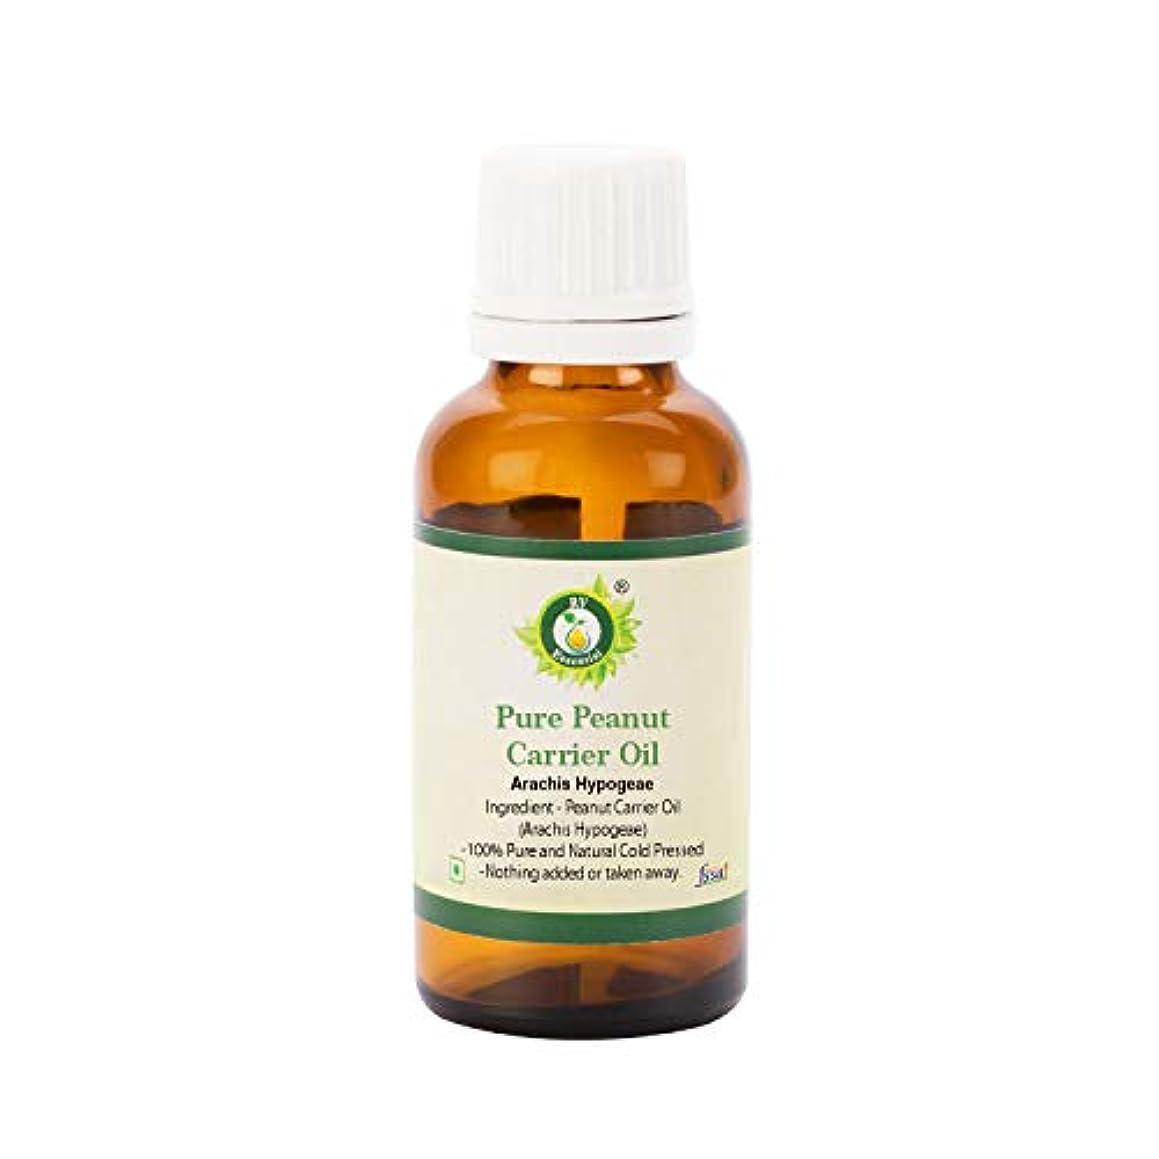 味方蘇生するきれいにR V Essential 純粋なピーナッツキャリアオイル5ml (0.169oz)- Arachis Hypogeae (100%ピュア&ナチュラルコールドPressed) Pure Peanut Carrier Oil